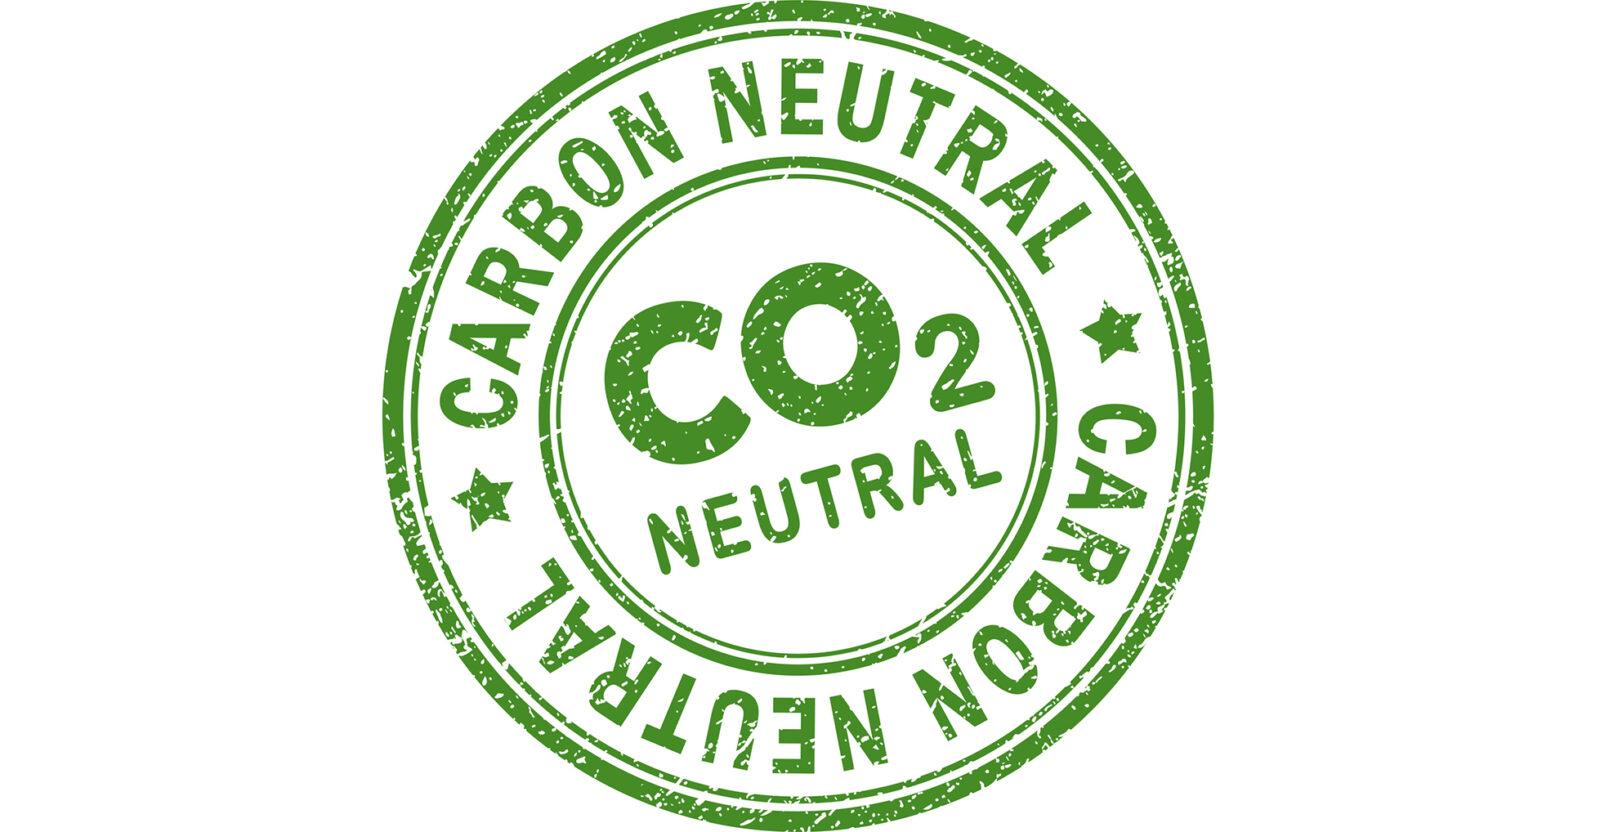 Carbon_Neutral-2